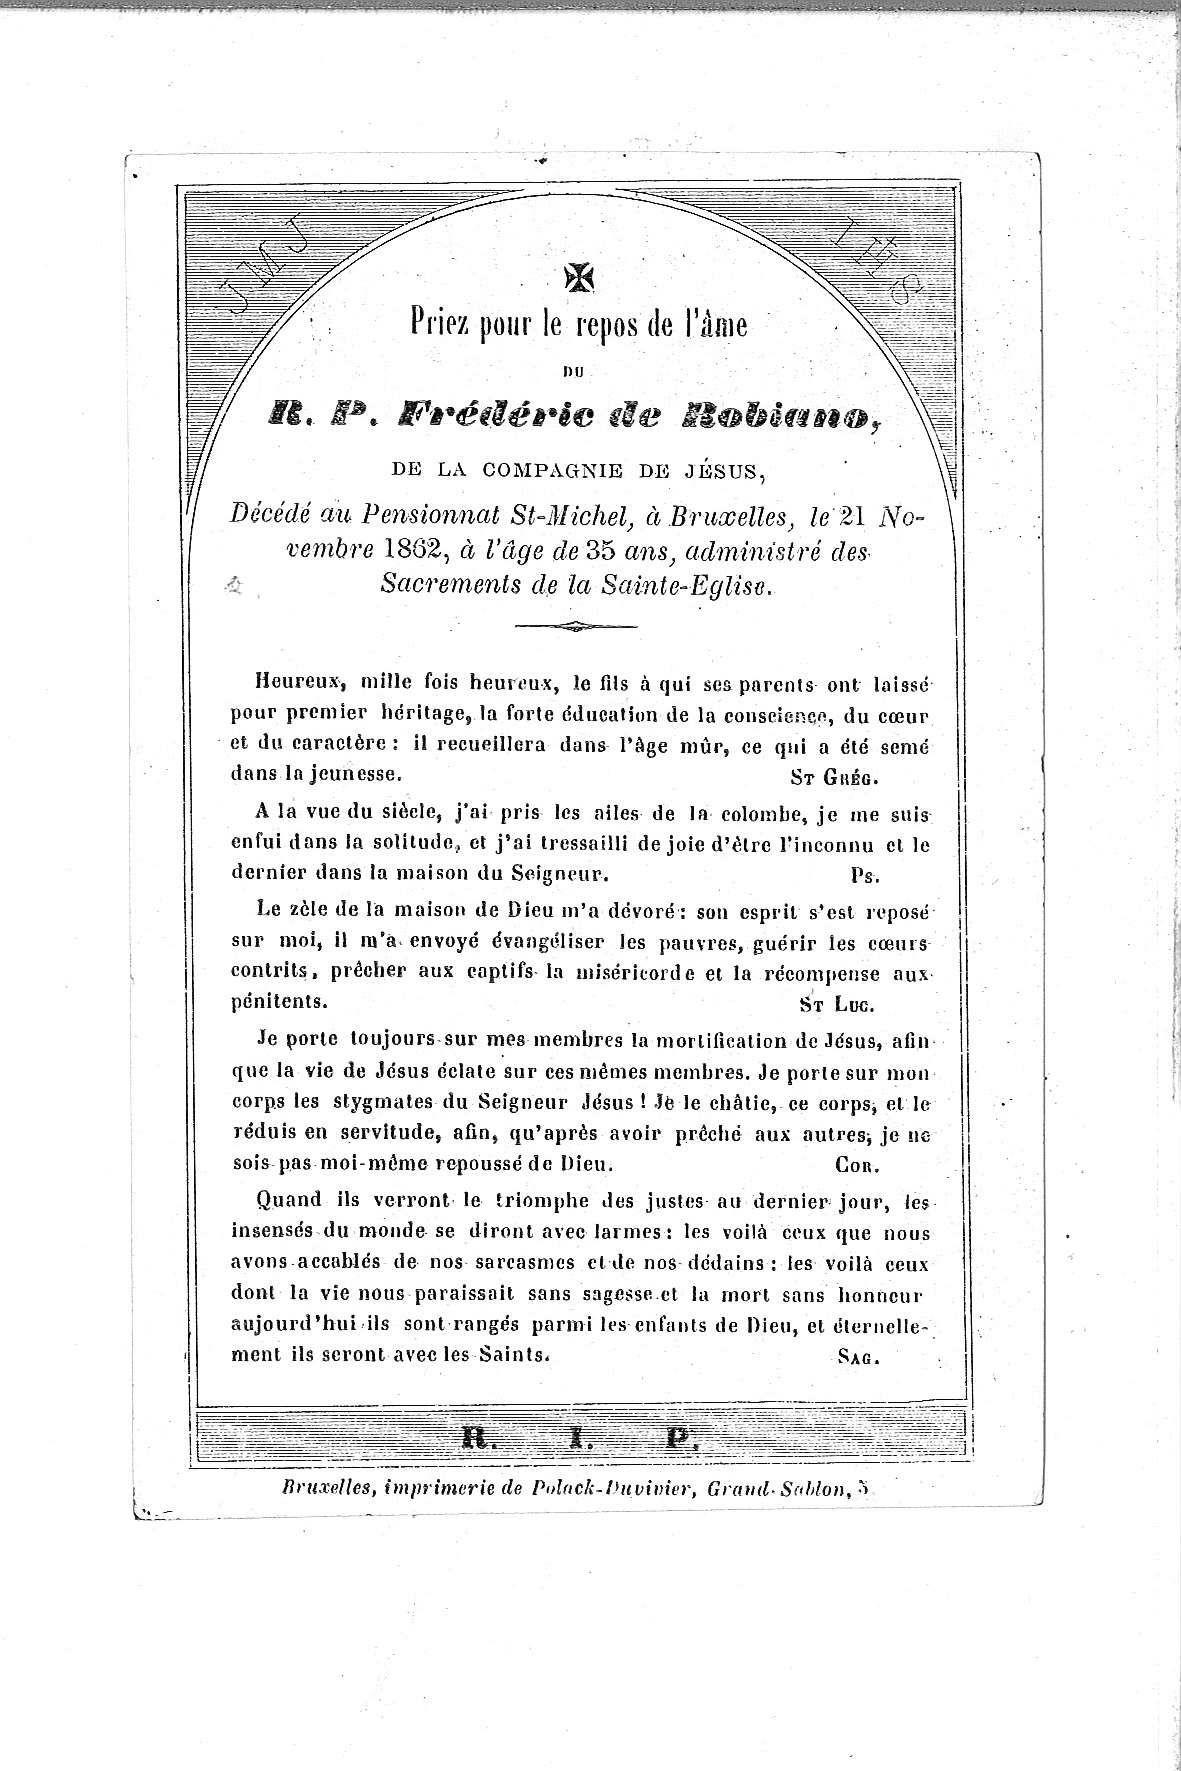 Frédéric-(1862)-20120814085427_00208.jpg